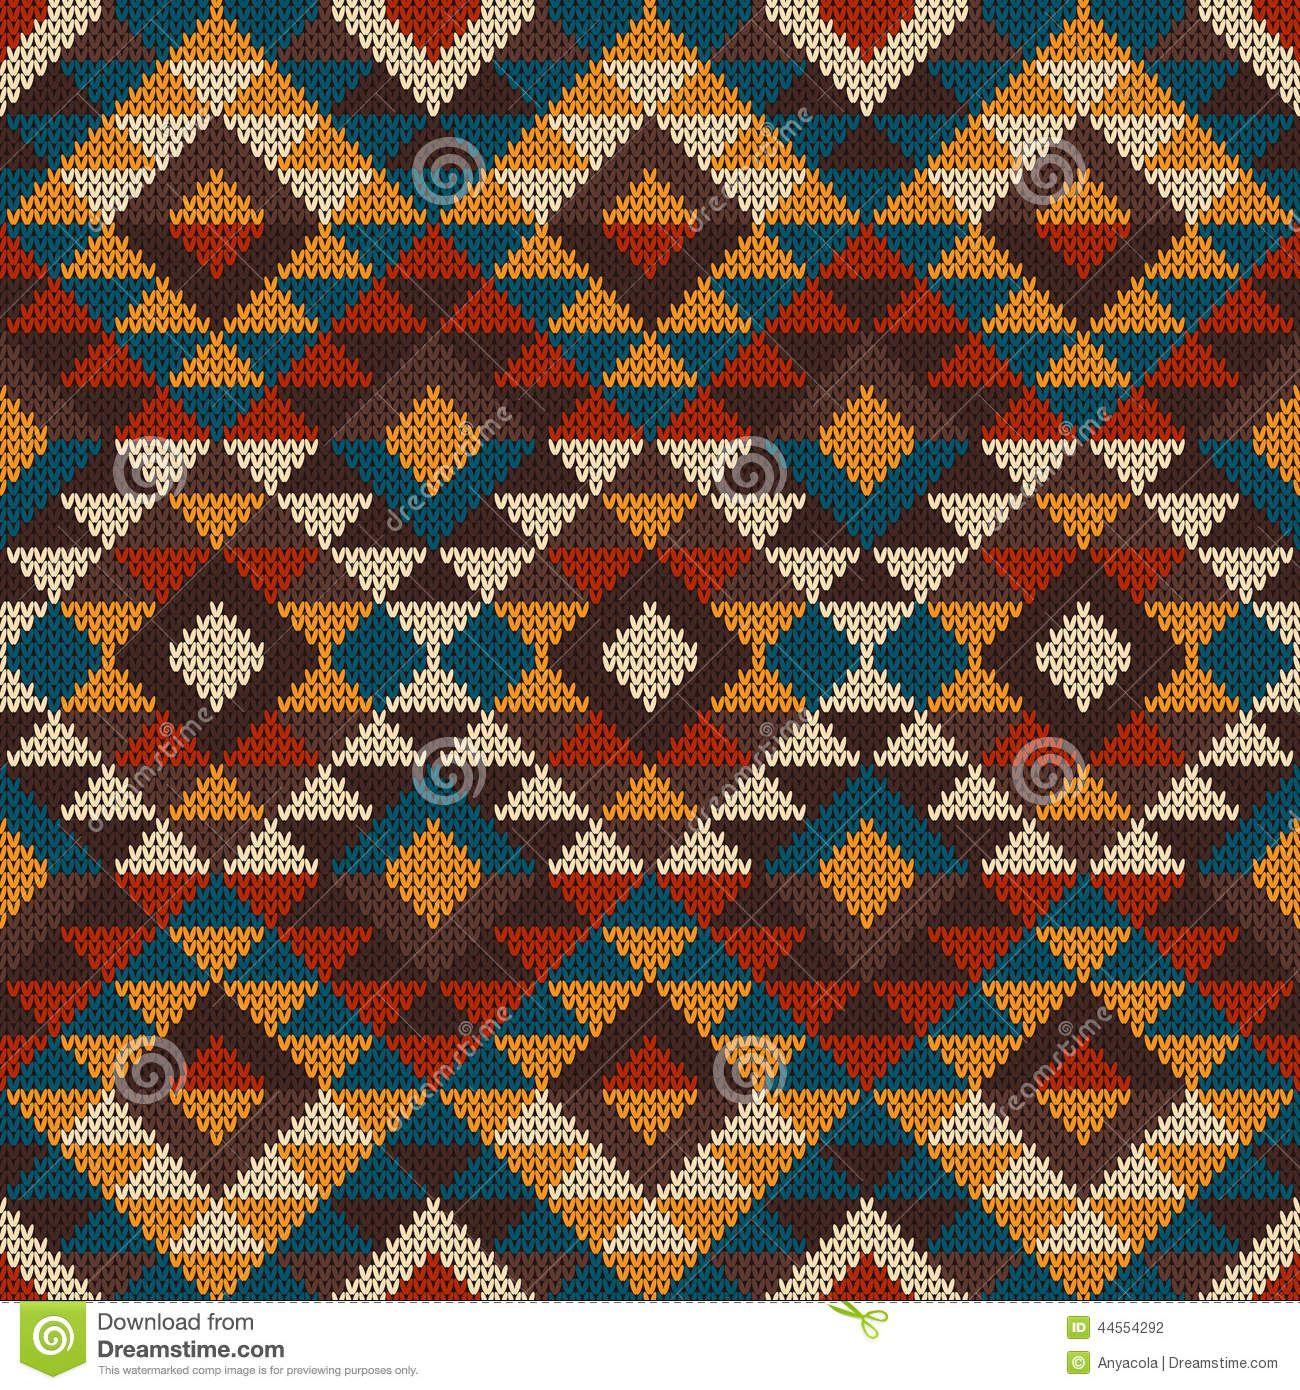 Encantador Aztec Knitting Pattern Elaboración - Manta de Tejer ...